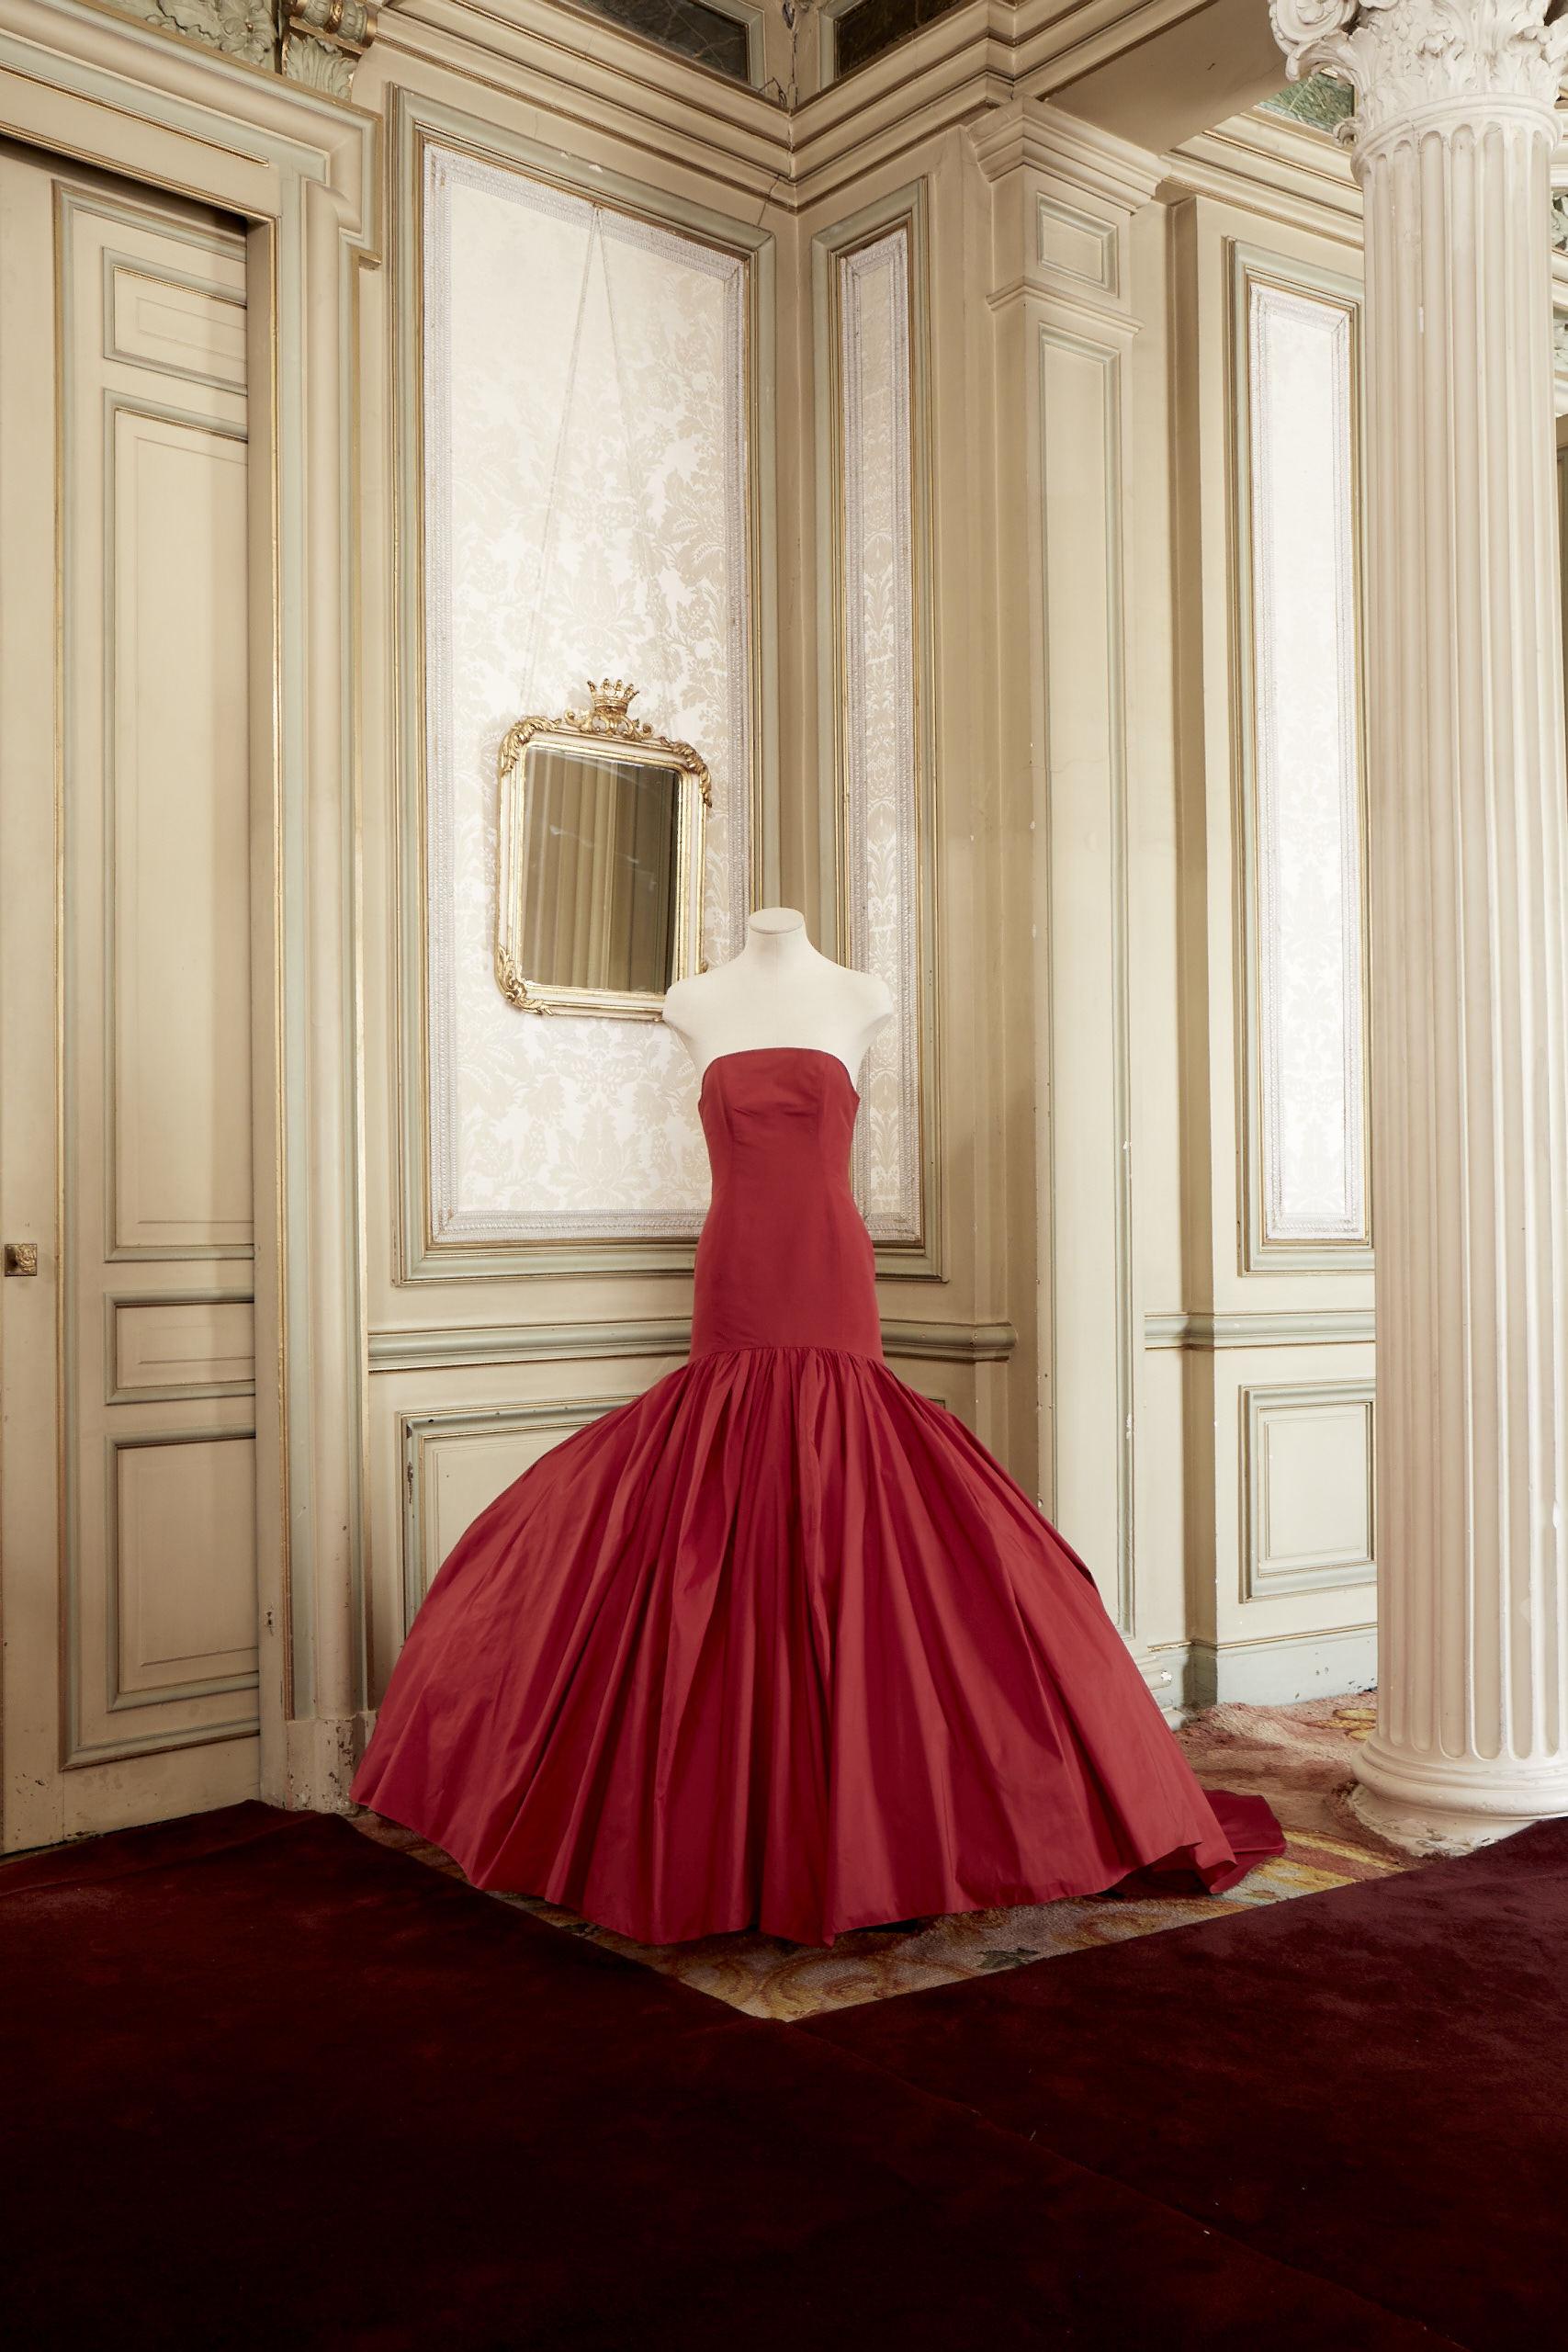 Vestido rojo de tafetán de Redondo Brand.